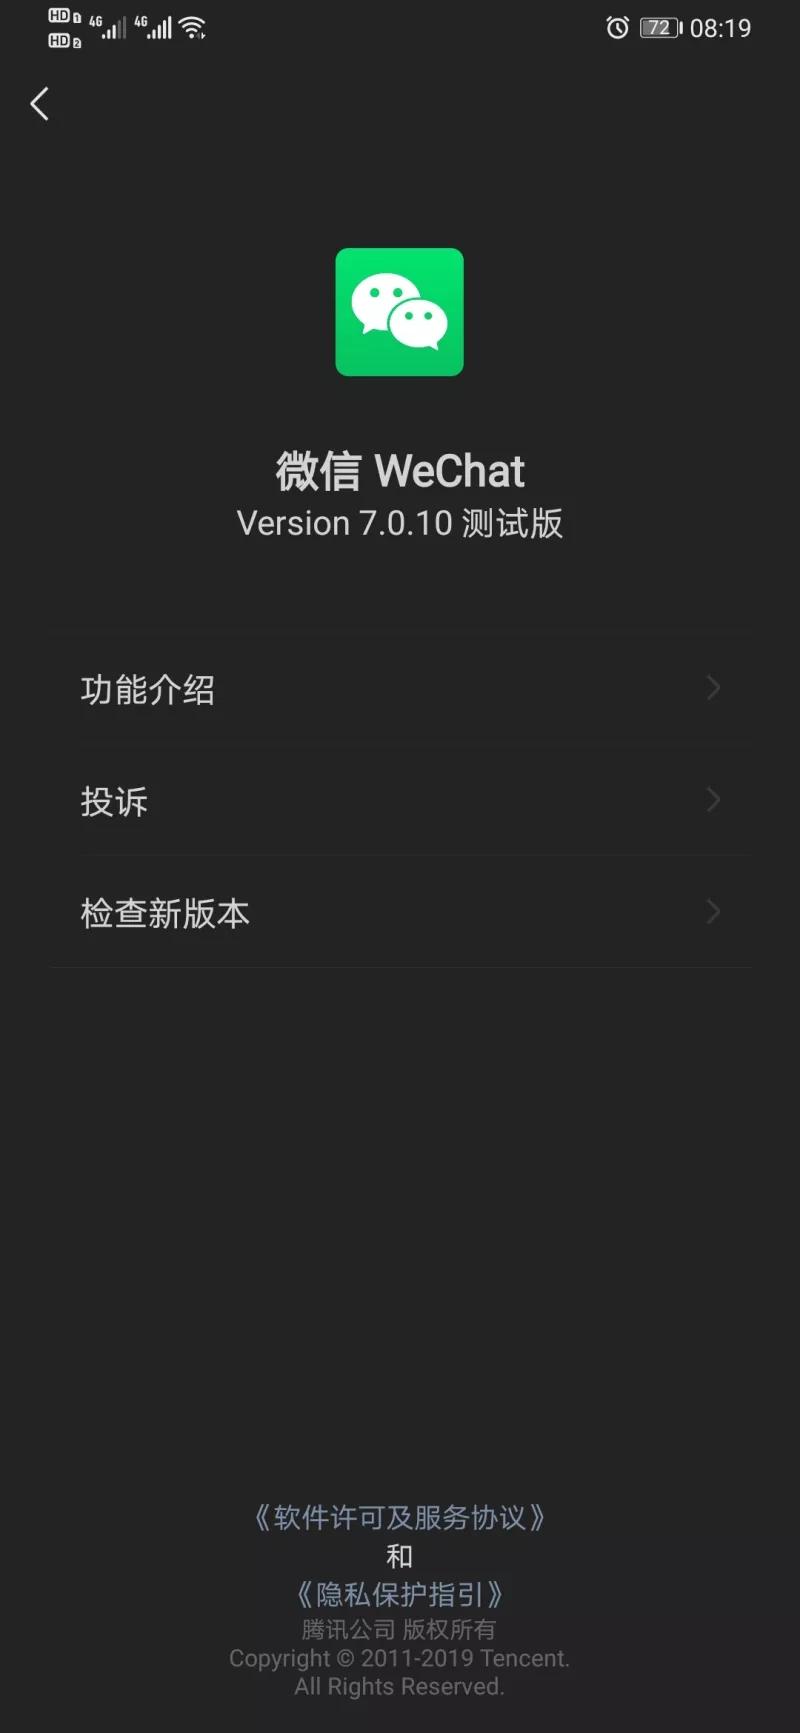 微信7.0.10测试版